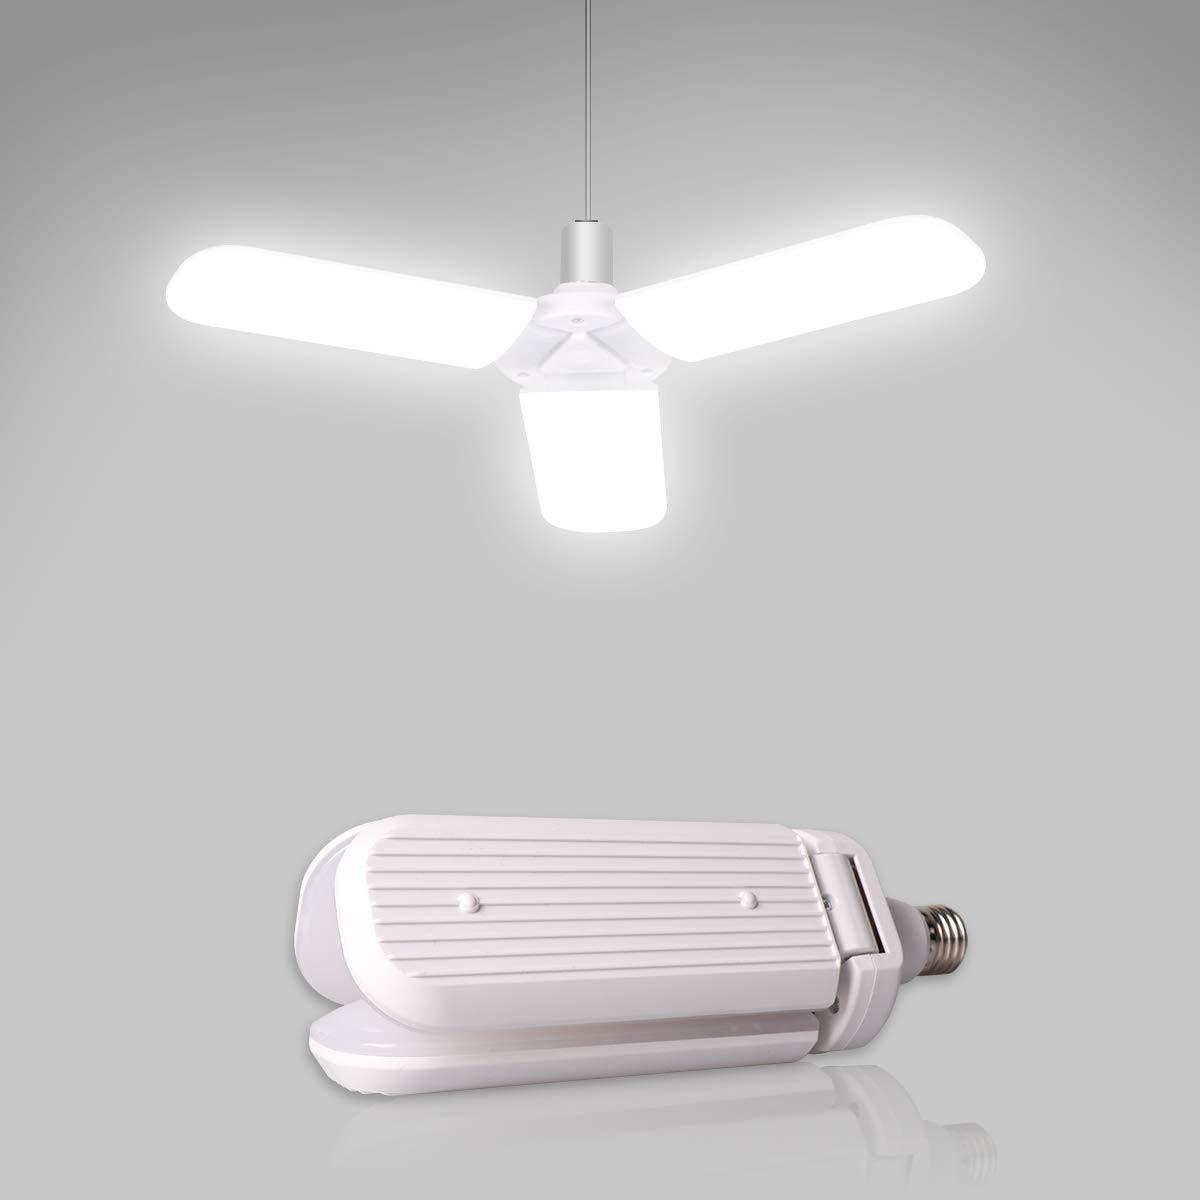 Ampolleta Fan Blade LED